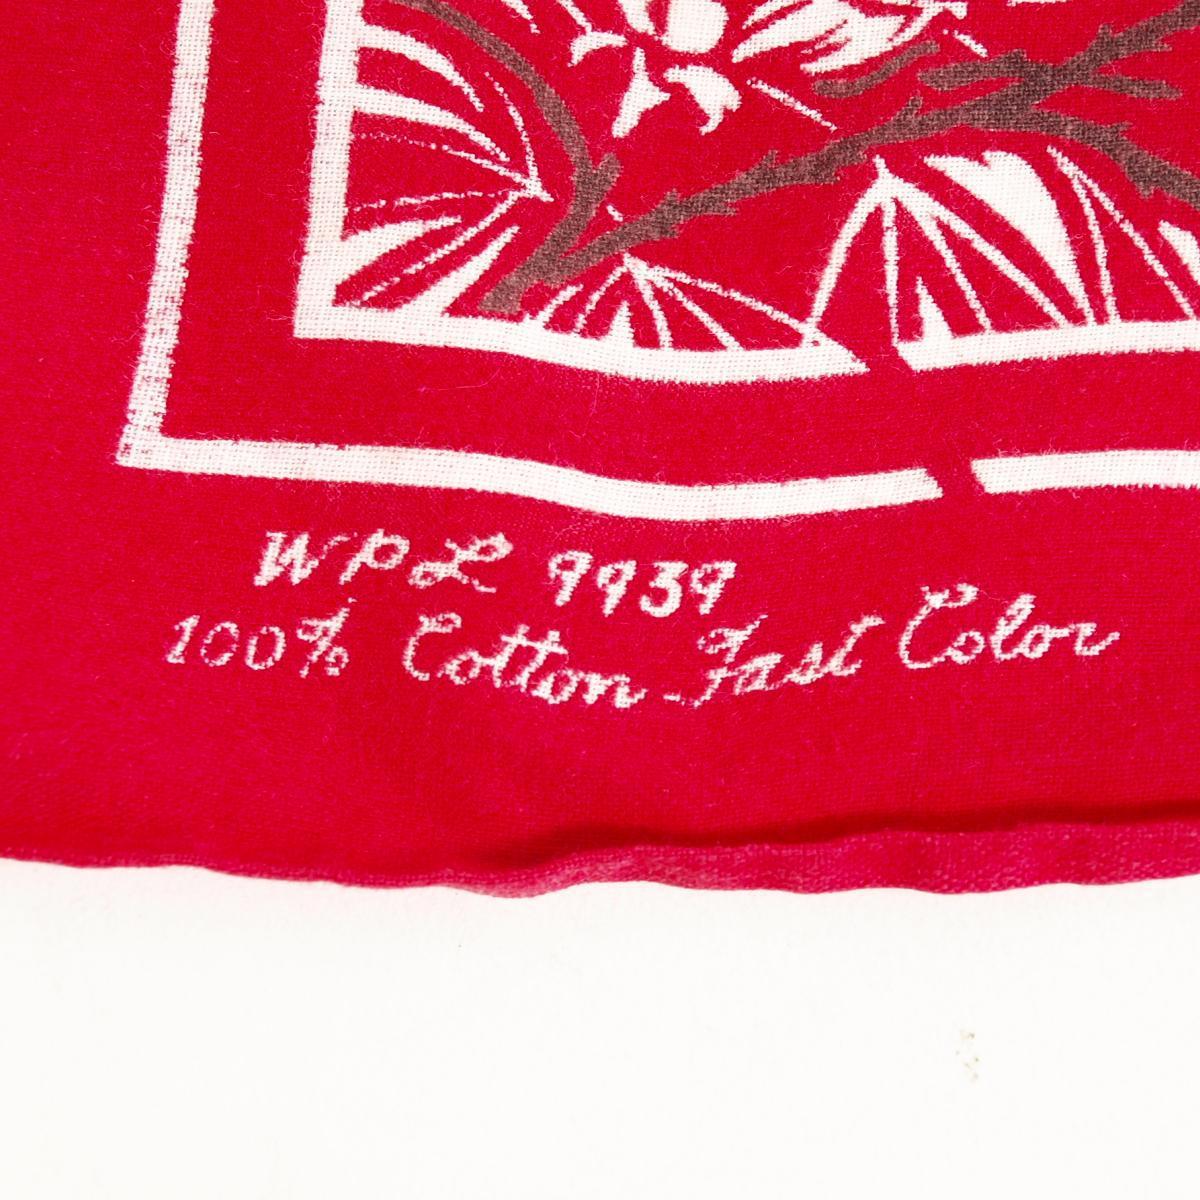 50 年代松果模式模式 WPL9939 单耳头巾老式 /ana9639 160803